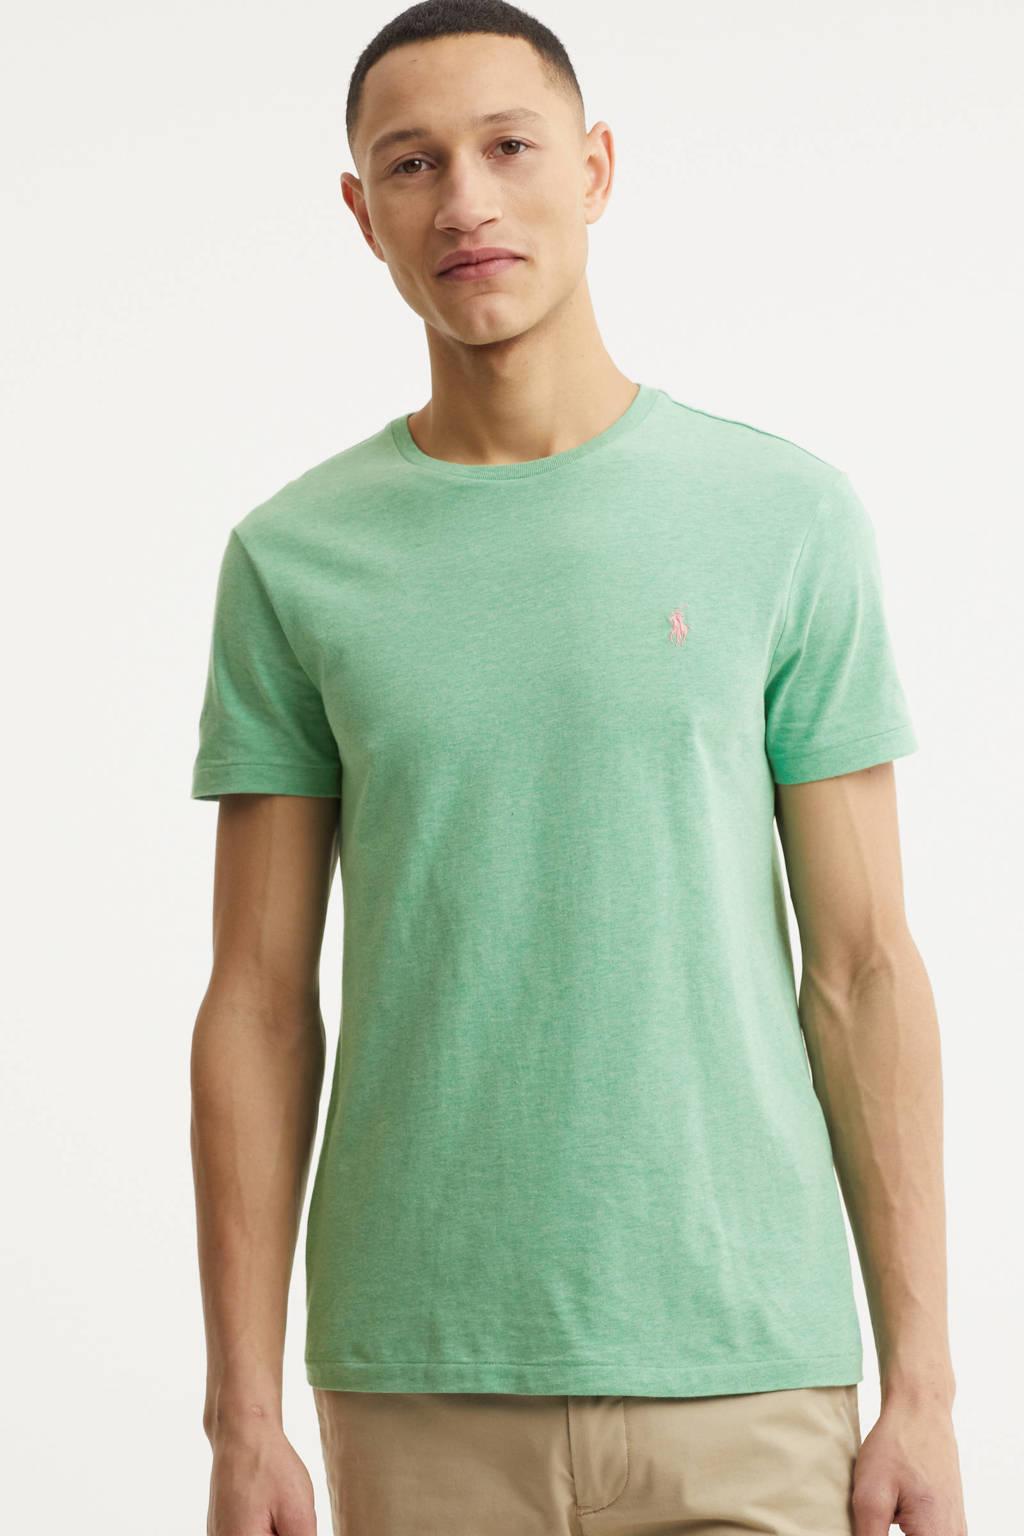 POLO Ralph Lauren gemêleerd T-shirt mintgroen, Mintgroen